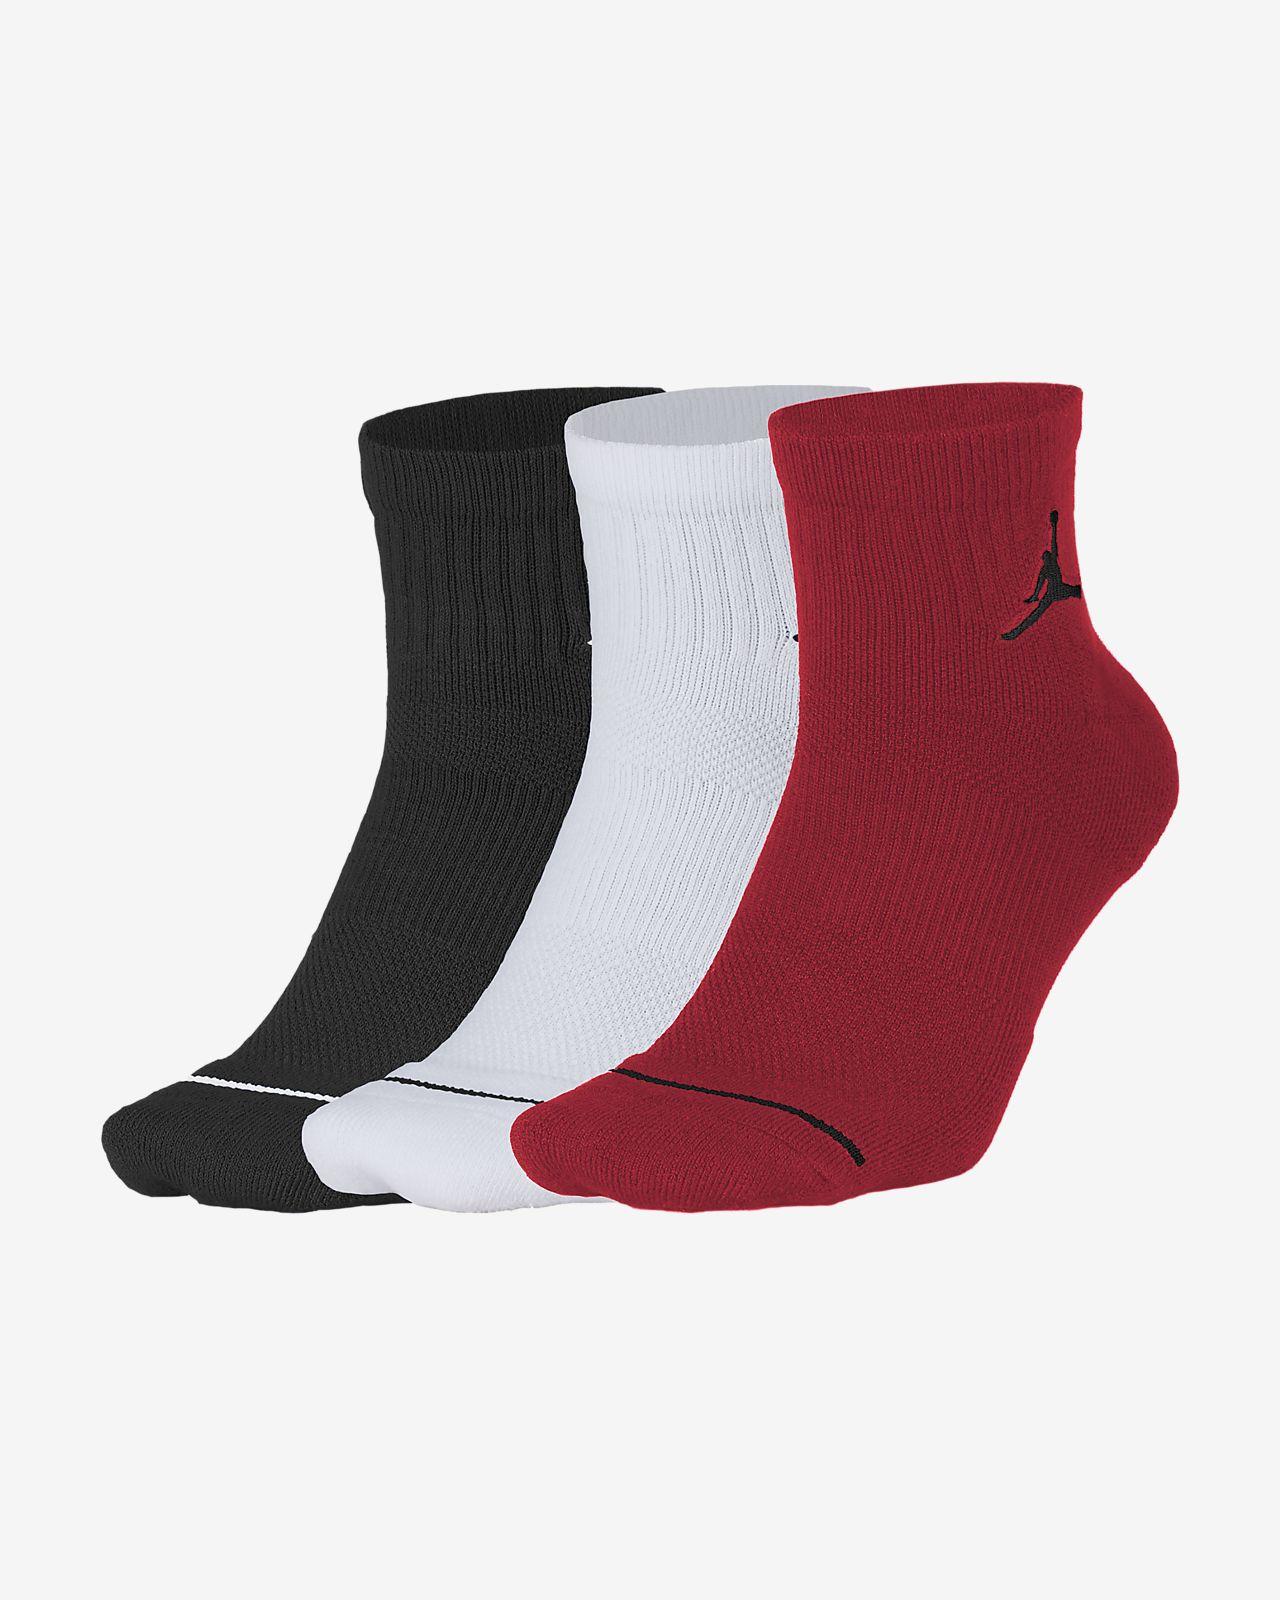 Socquettes Jordan Everyday Max (3 paires)